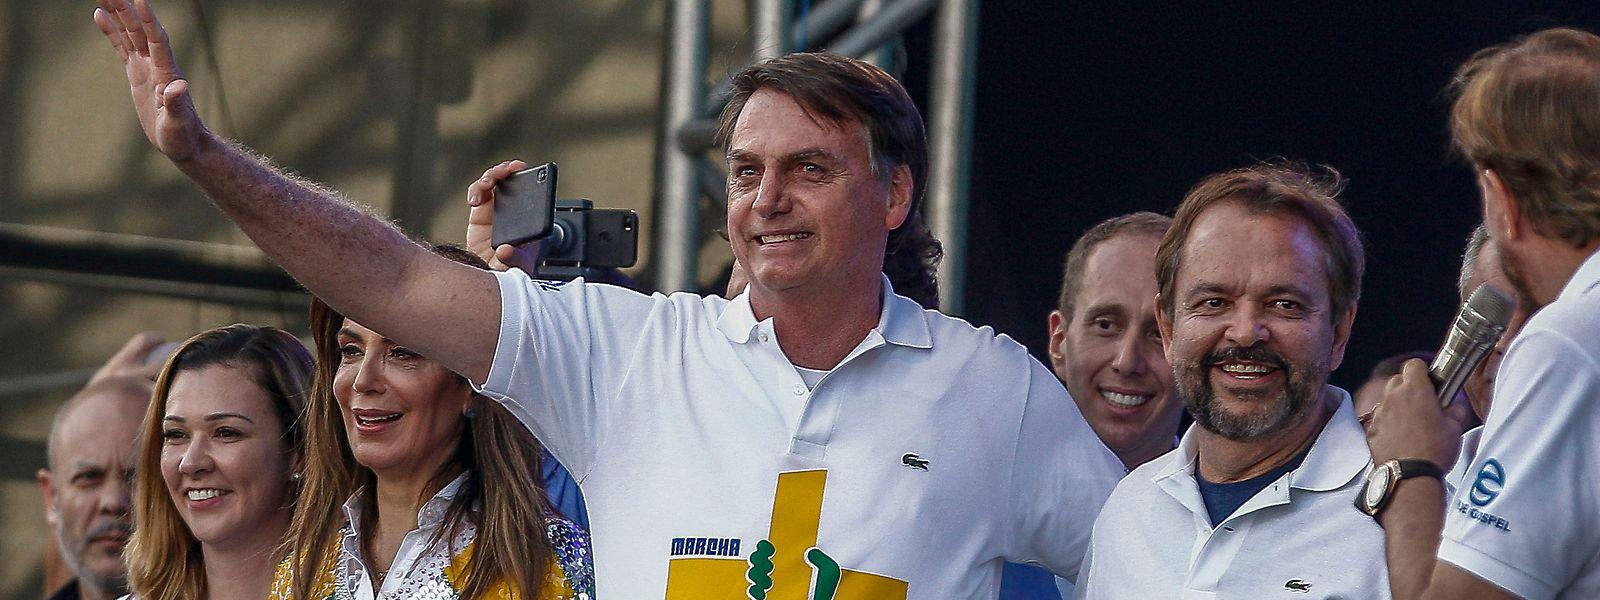 Jair Bolsonaro bei einer Wahlkampfveranstaltung.